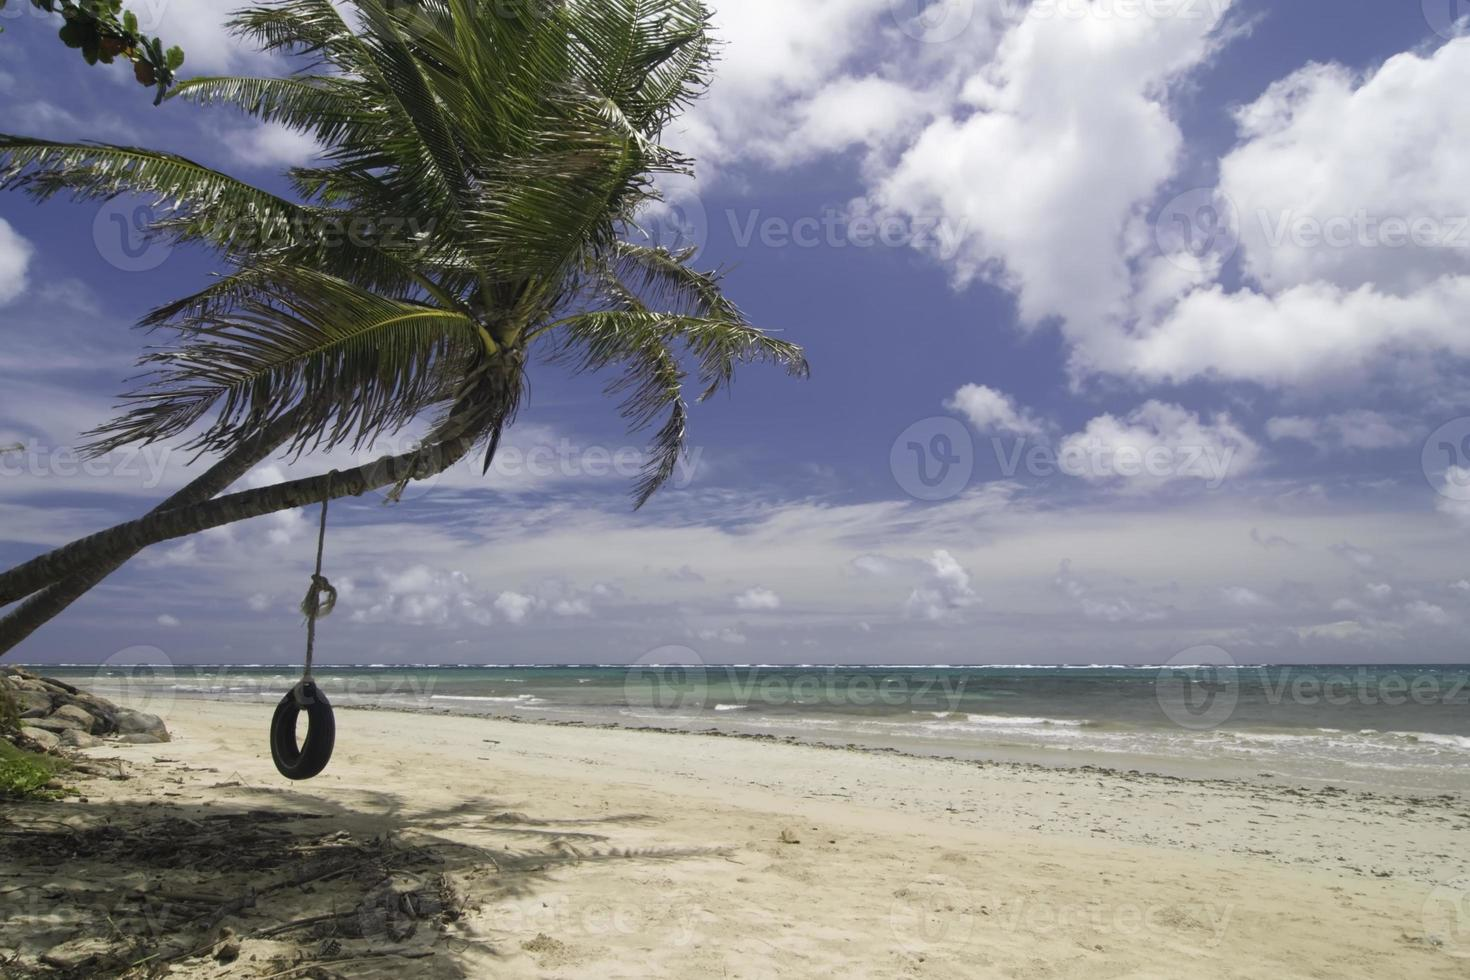 balançoire de pneu de plage tropicale photo